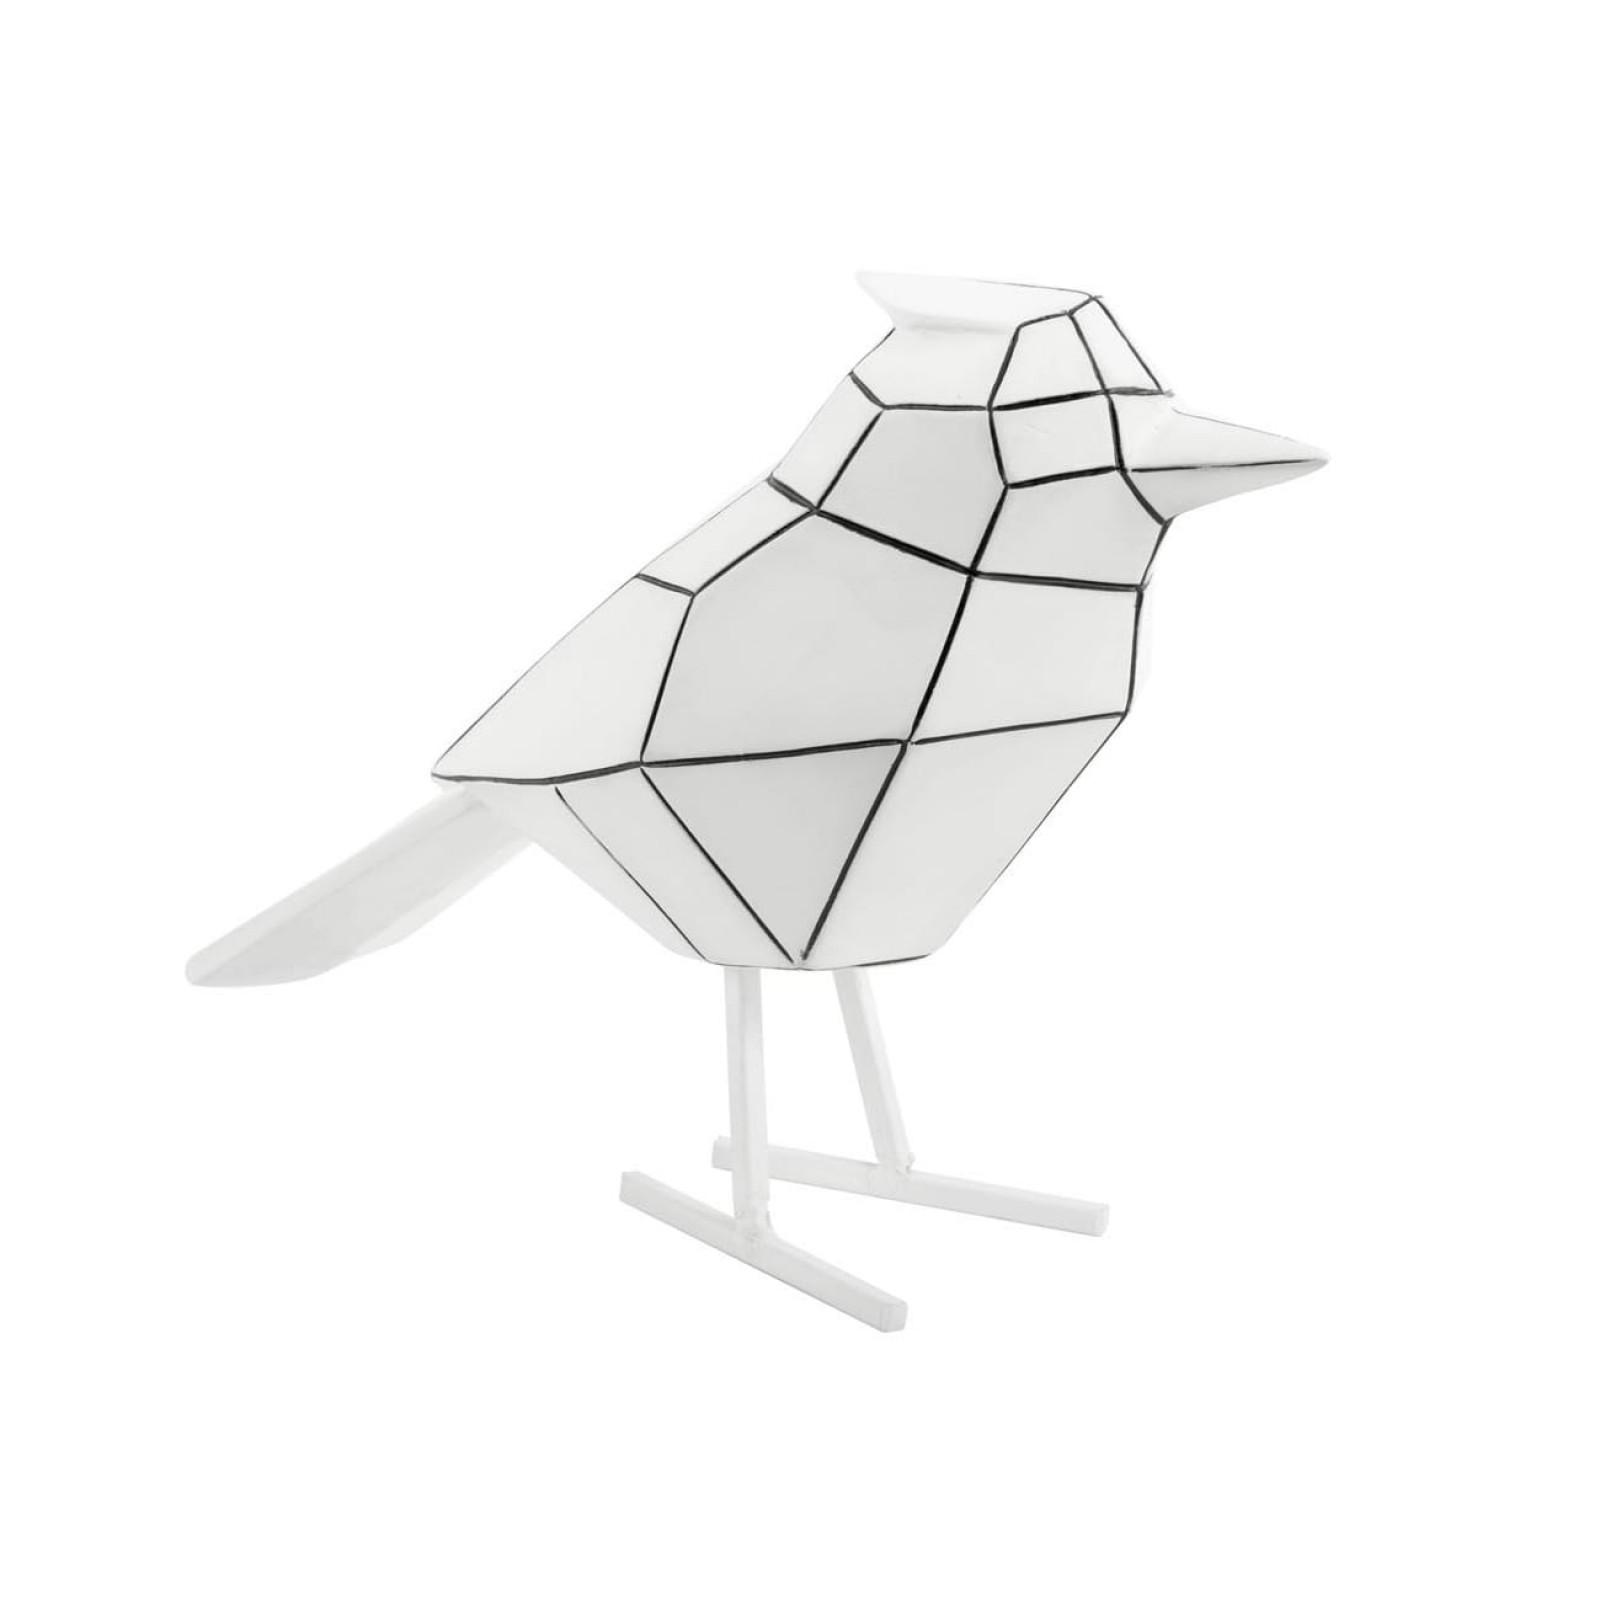 Διακοσμητικό Γλυπτό Origami Bird Large (Λευκό / Μαύρο) - Present Time